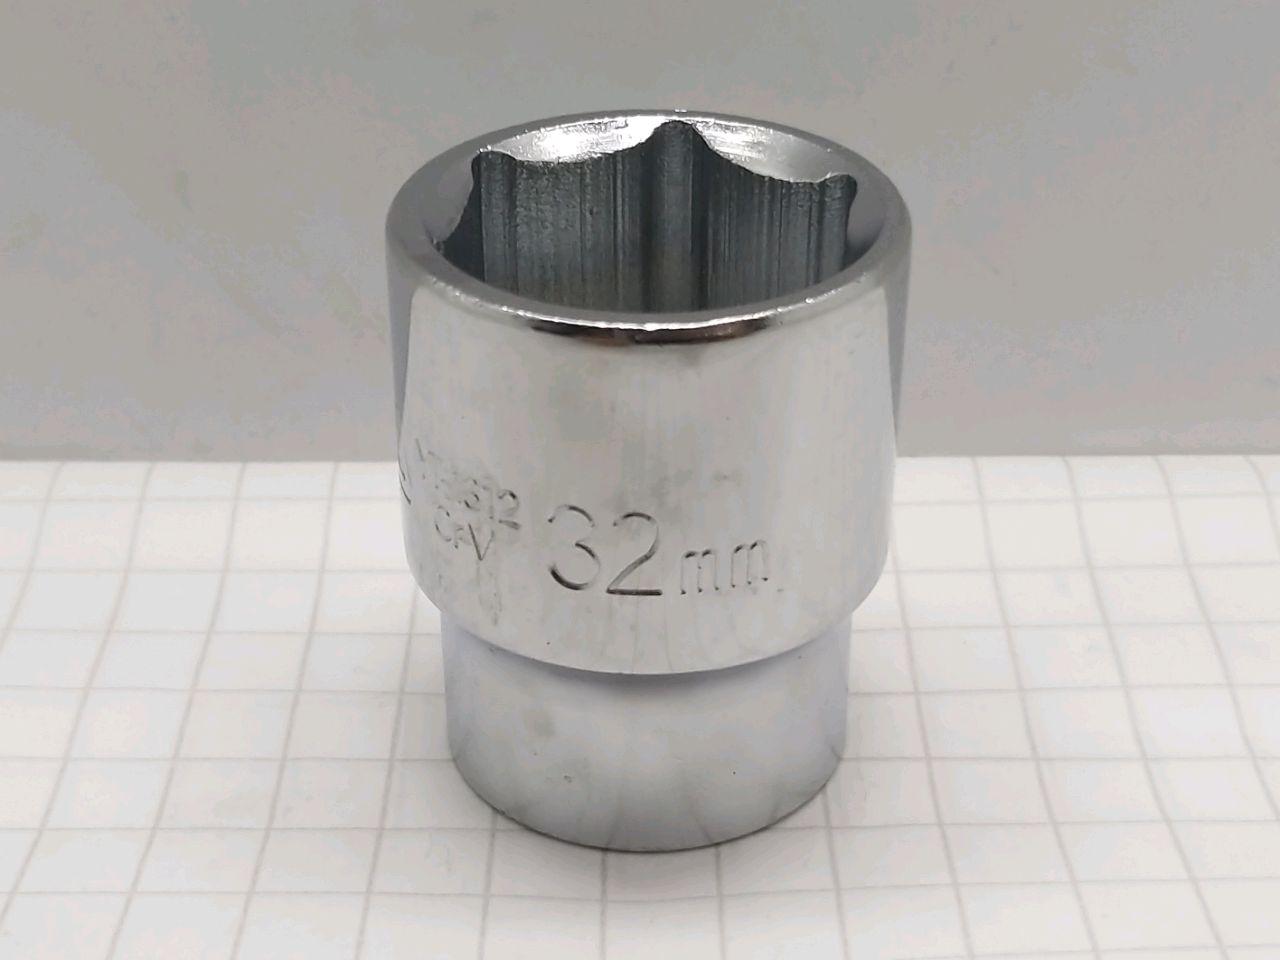 Cap hexagonal 3/4 32mm